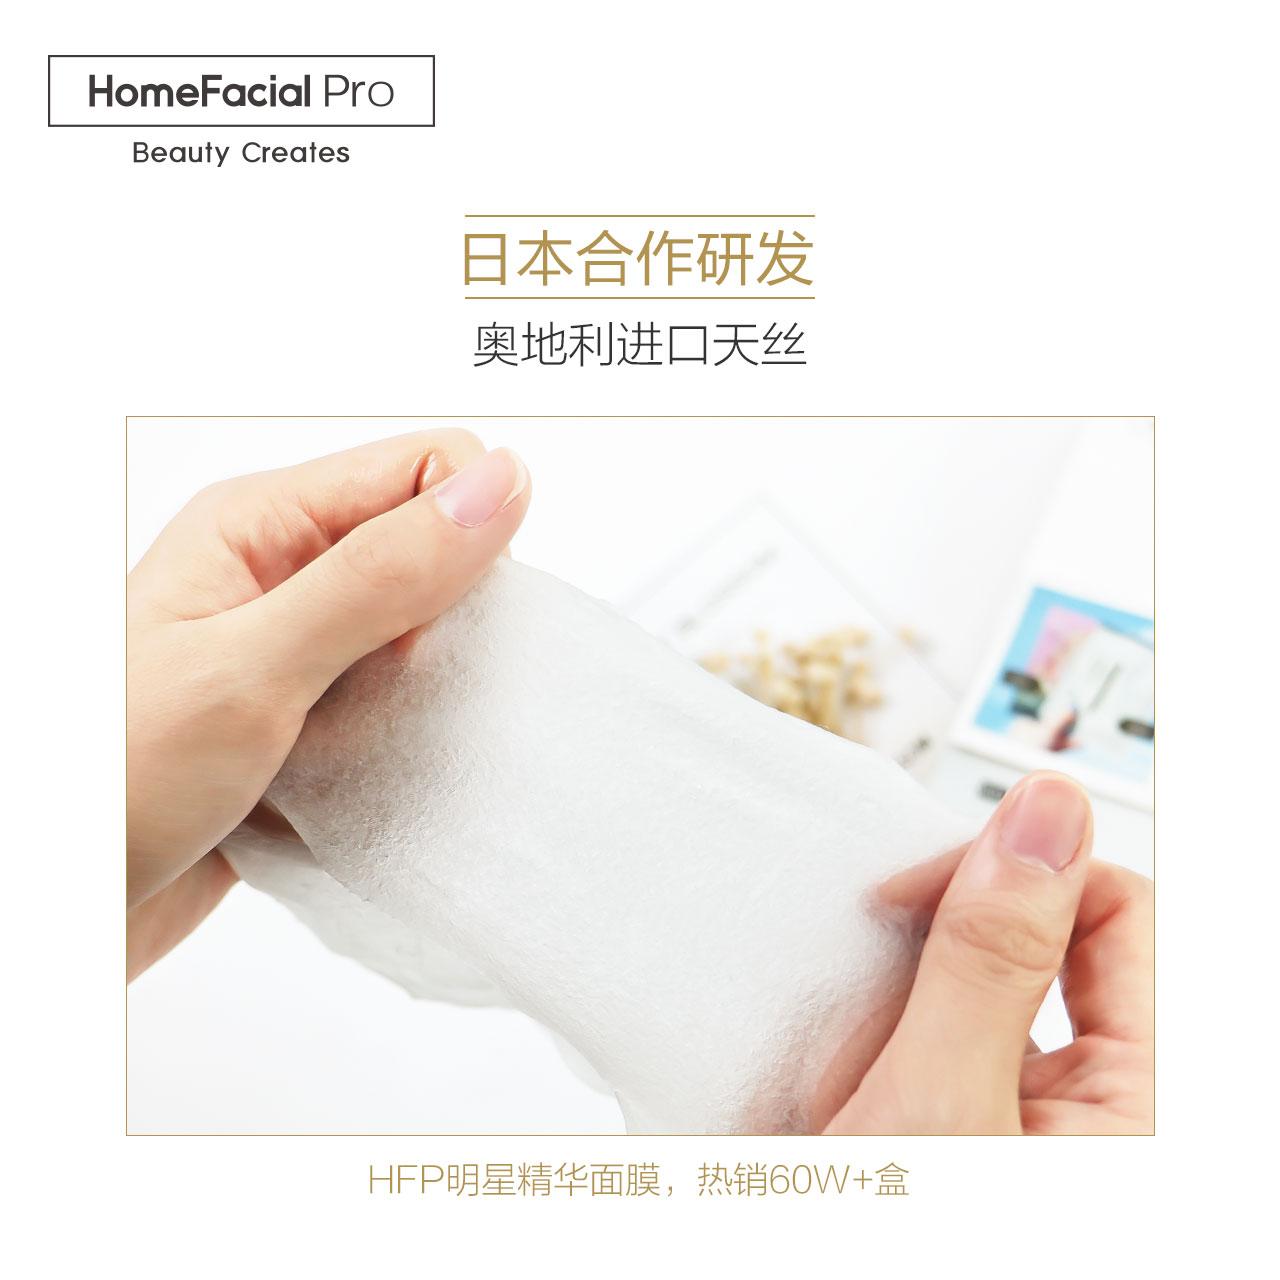 HFP玻尿酸密集补水面膜 修护敏感肌肤保湿滋润SPA面膜正品男女士